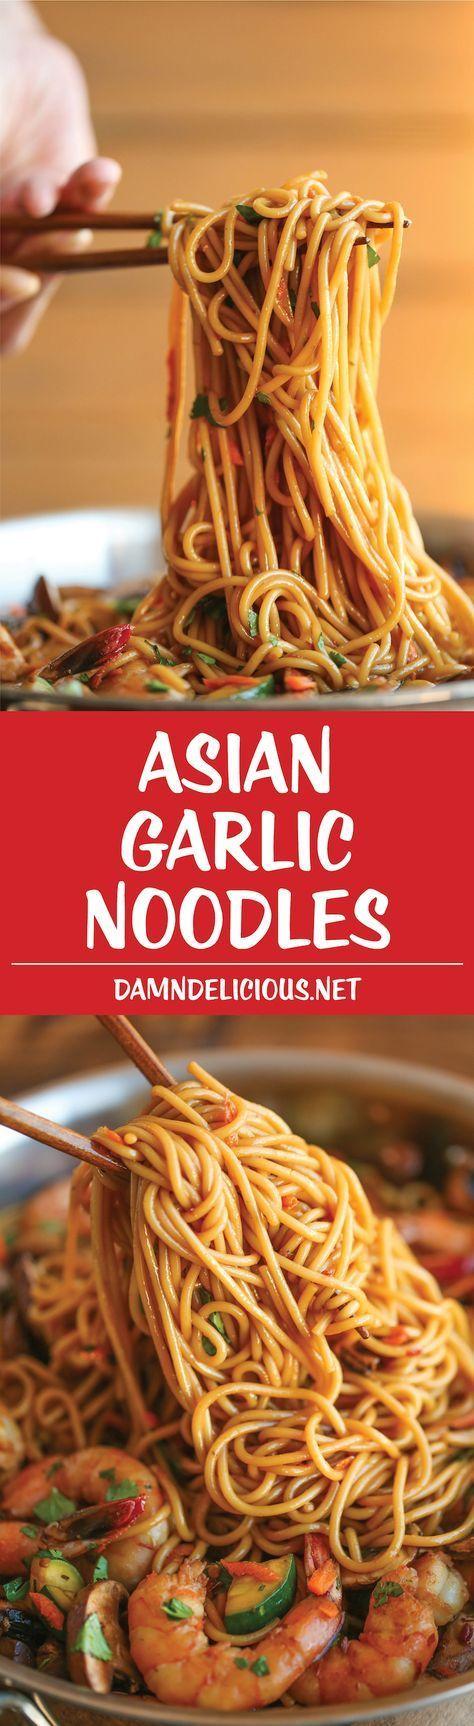 Asian Garlic Noodles - Damn Delicious